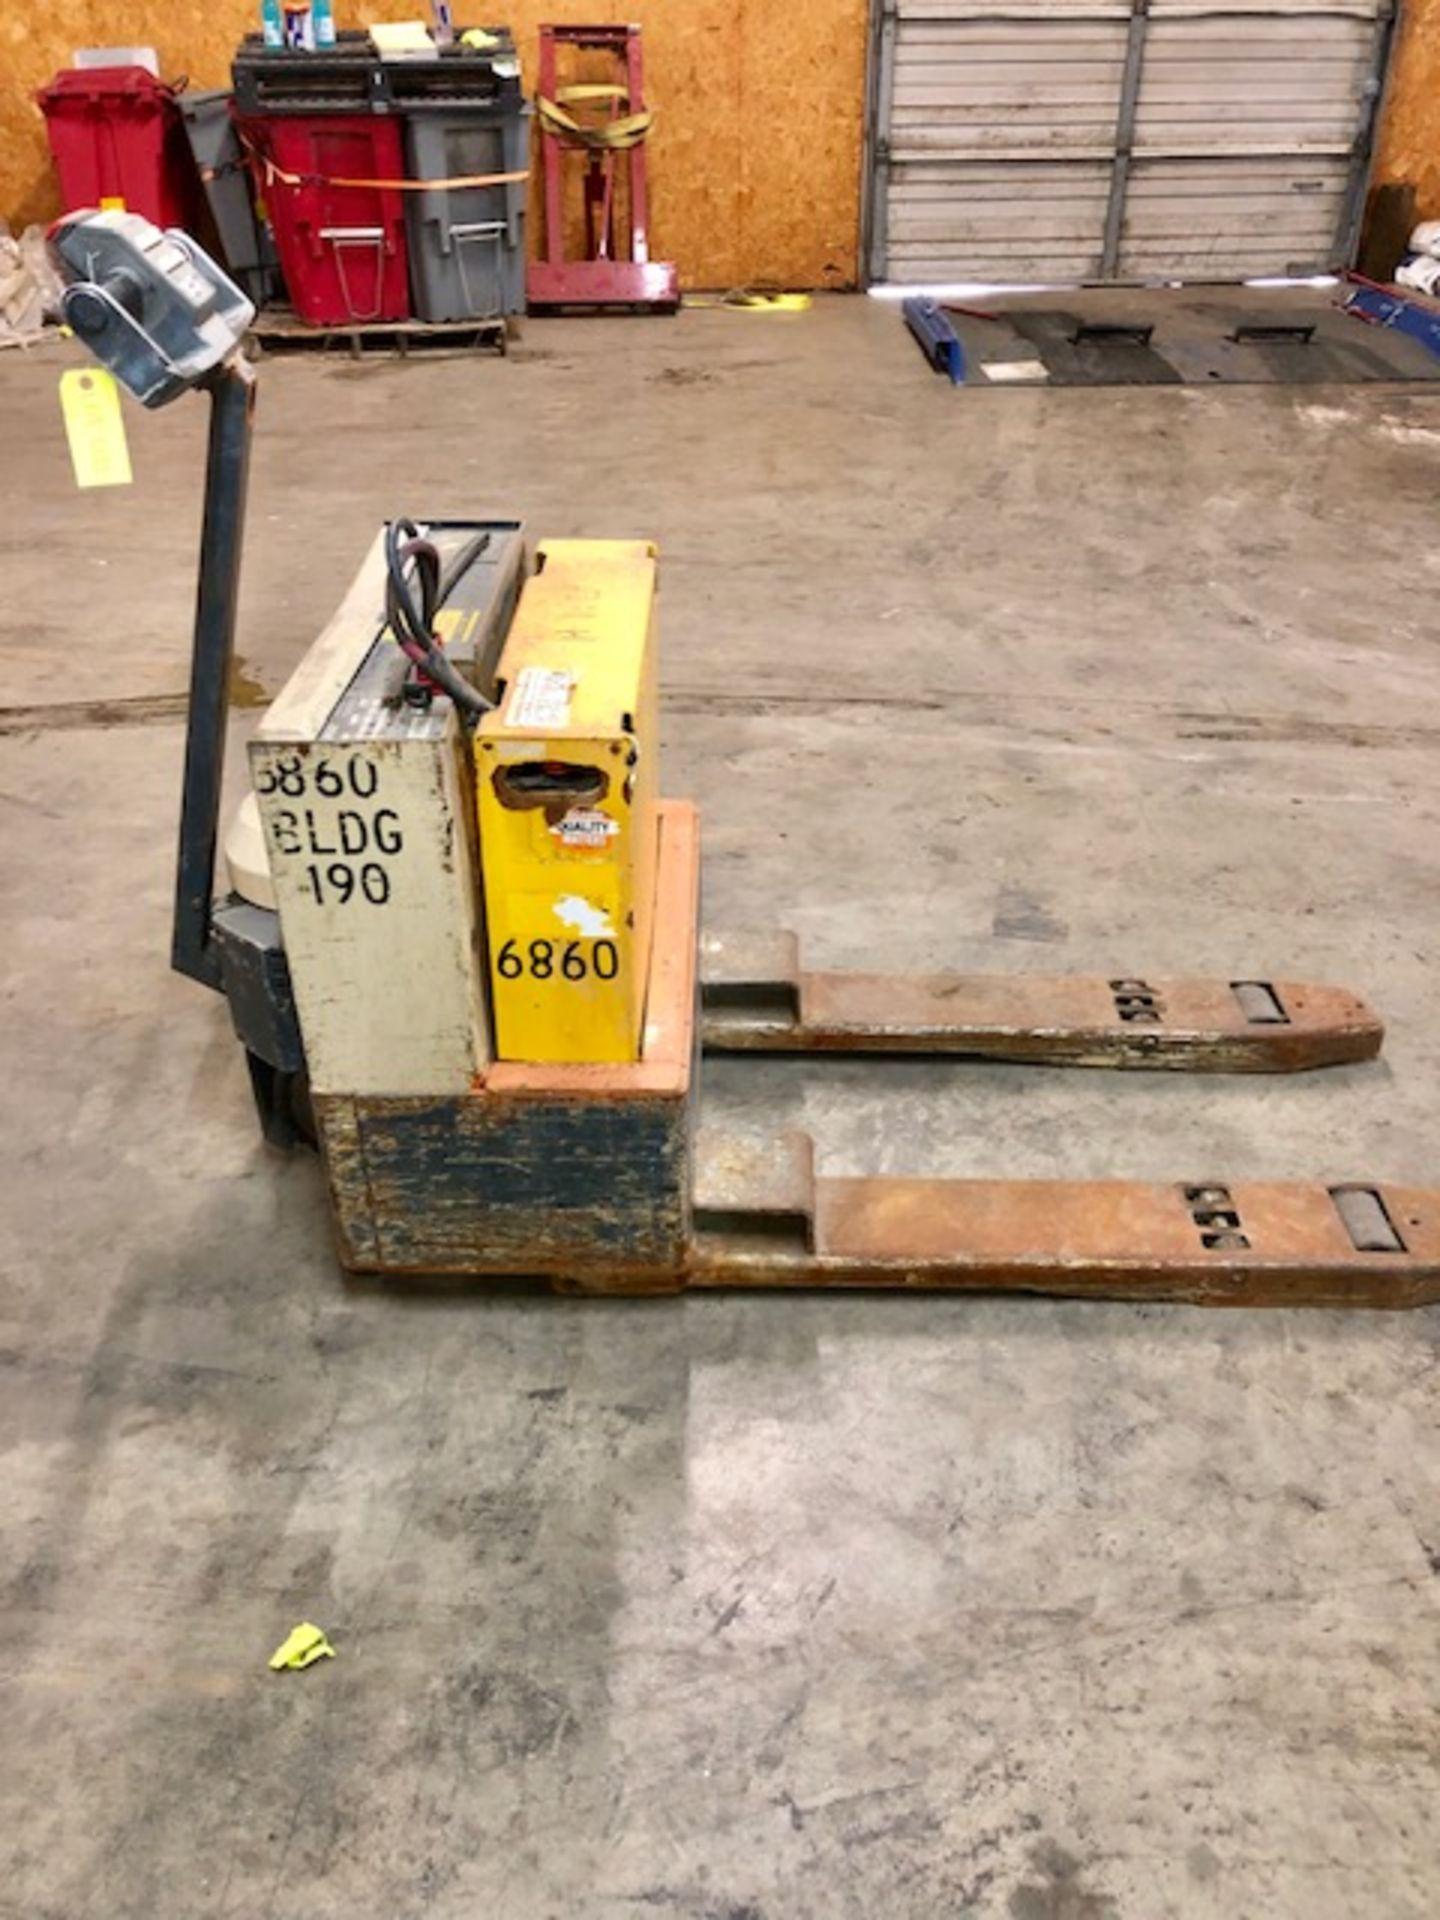 Lot 33 - Crown Electric Pallet Jack/ forklift